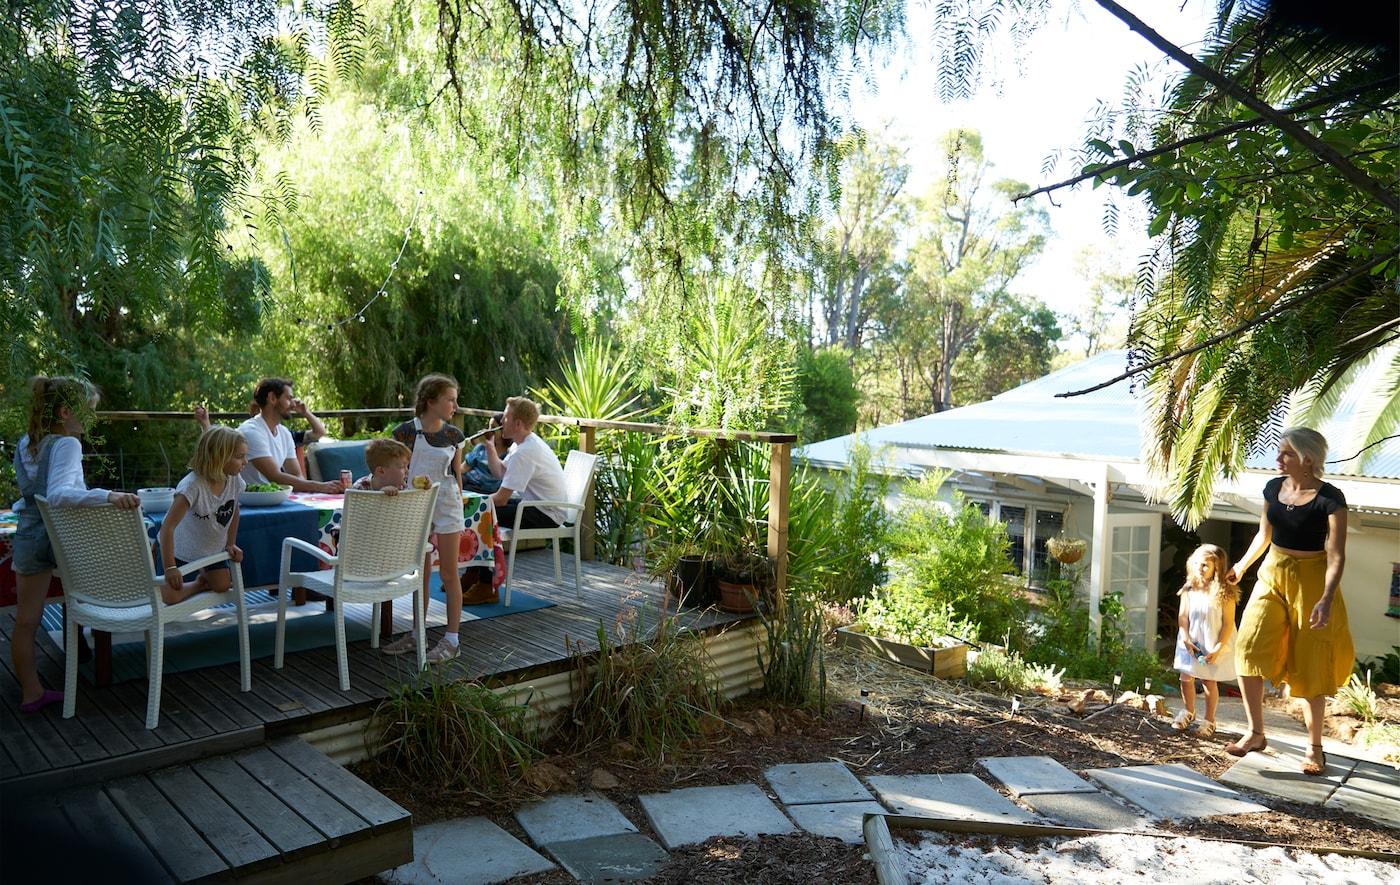 Un gruppo di persone sedute intorno a un tavolo su una pedana rialzata in un giardino con piante e pavimentazione in pietra - IKEA